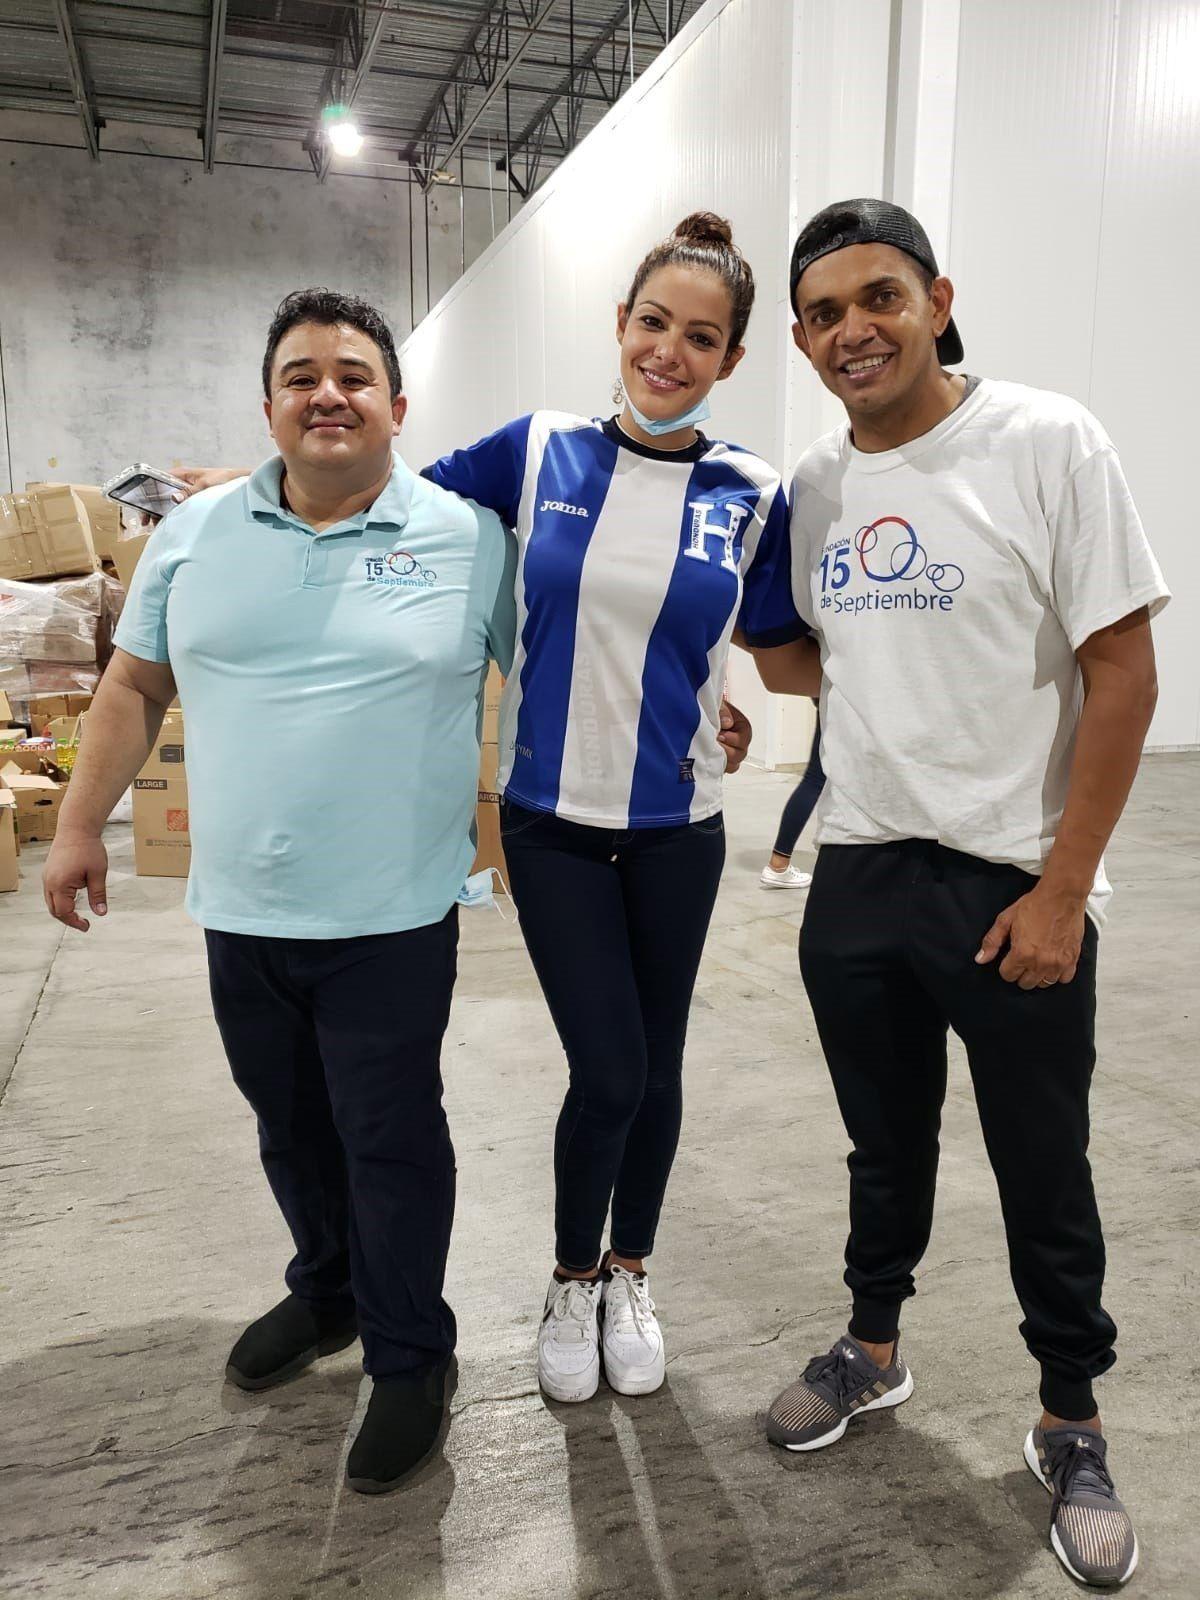 Amado Guevara, hoy, junto al presidente de la Fundación de hondureños en EE.UU., Juan Flores y la modelo Nathalia Casco, durante la recogida y preparación de ayuda humanitaria para enviar a los damnificados por los eventos tropicales en Miami durante 2020.